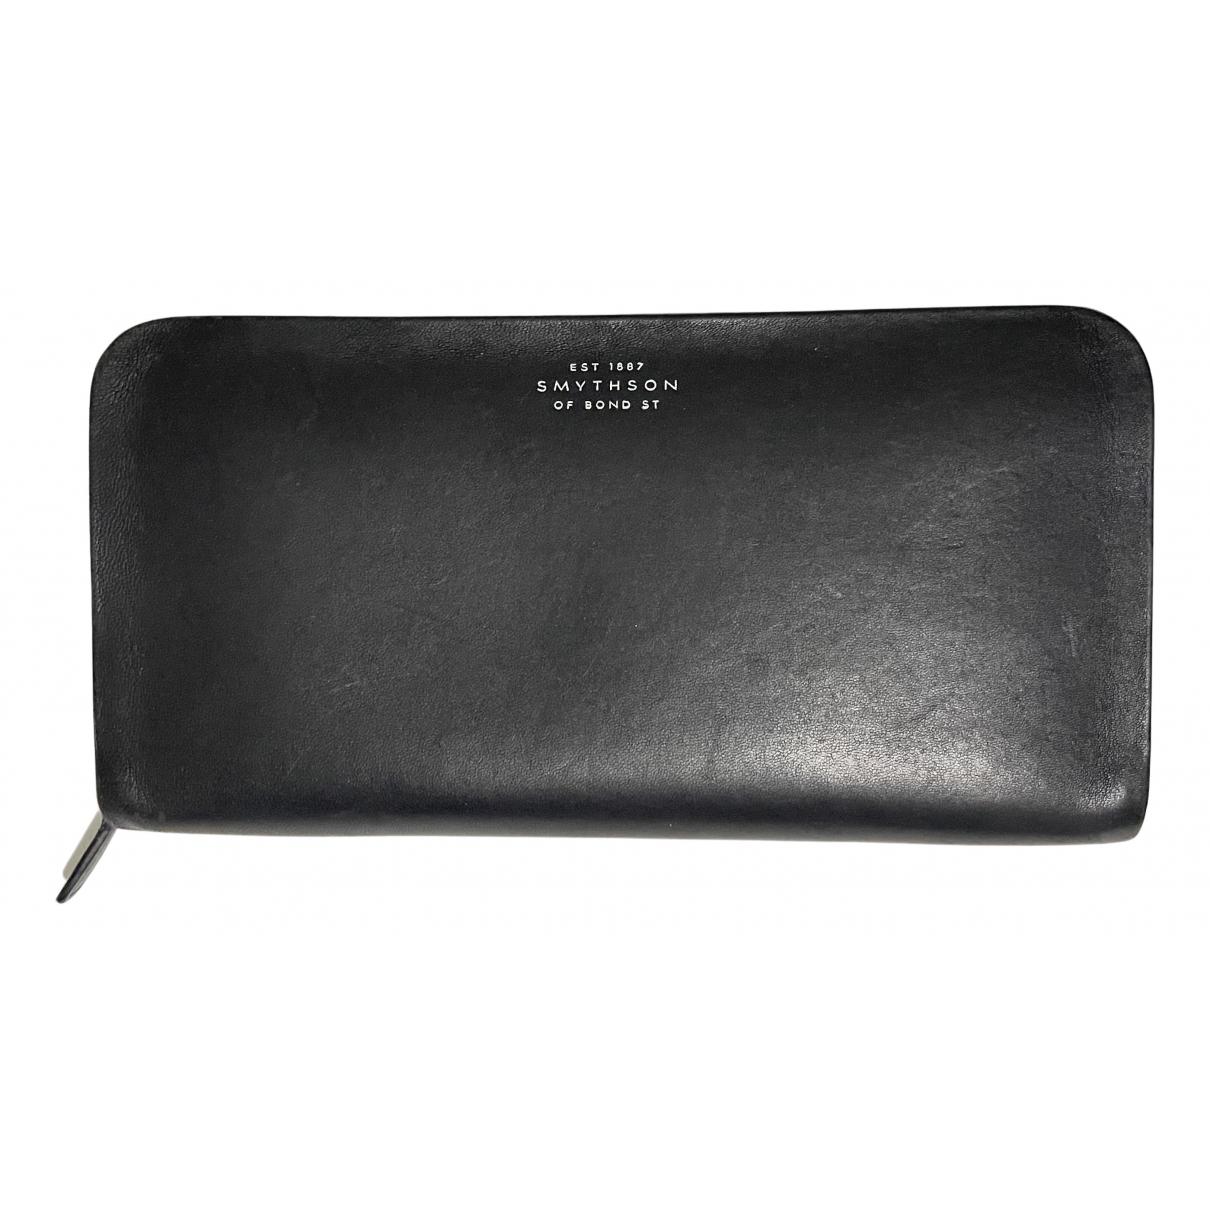 Smythson - Portefeuille   pour femme en cuir - noir